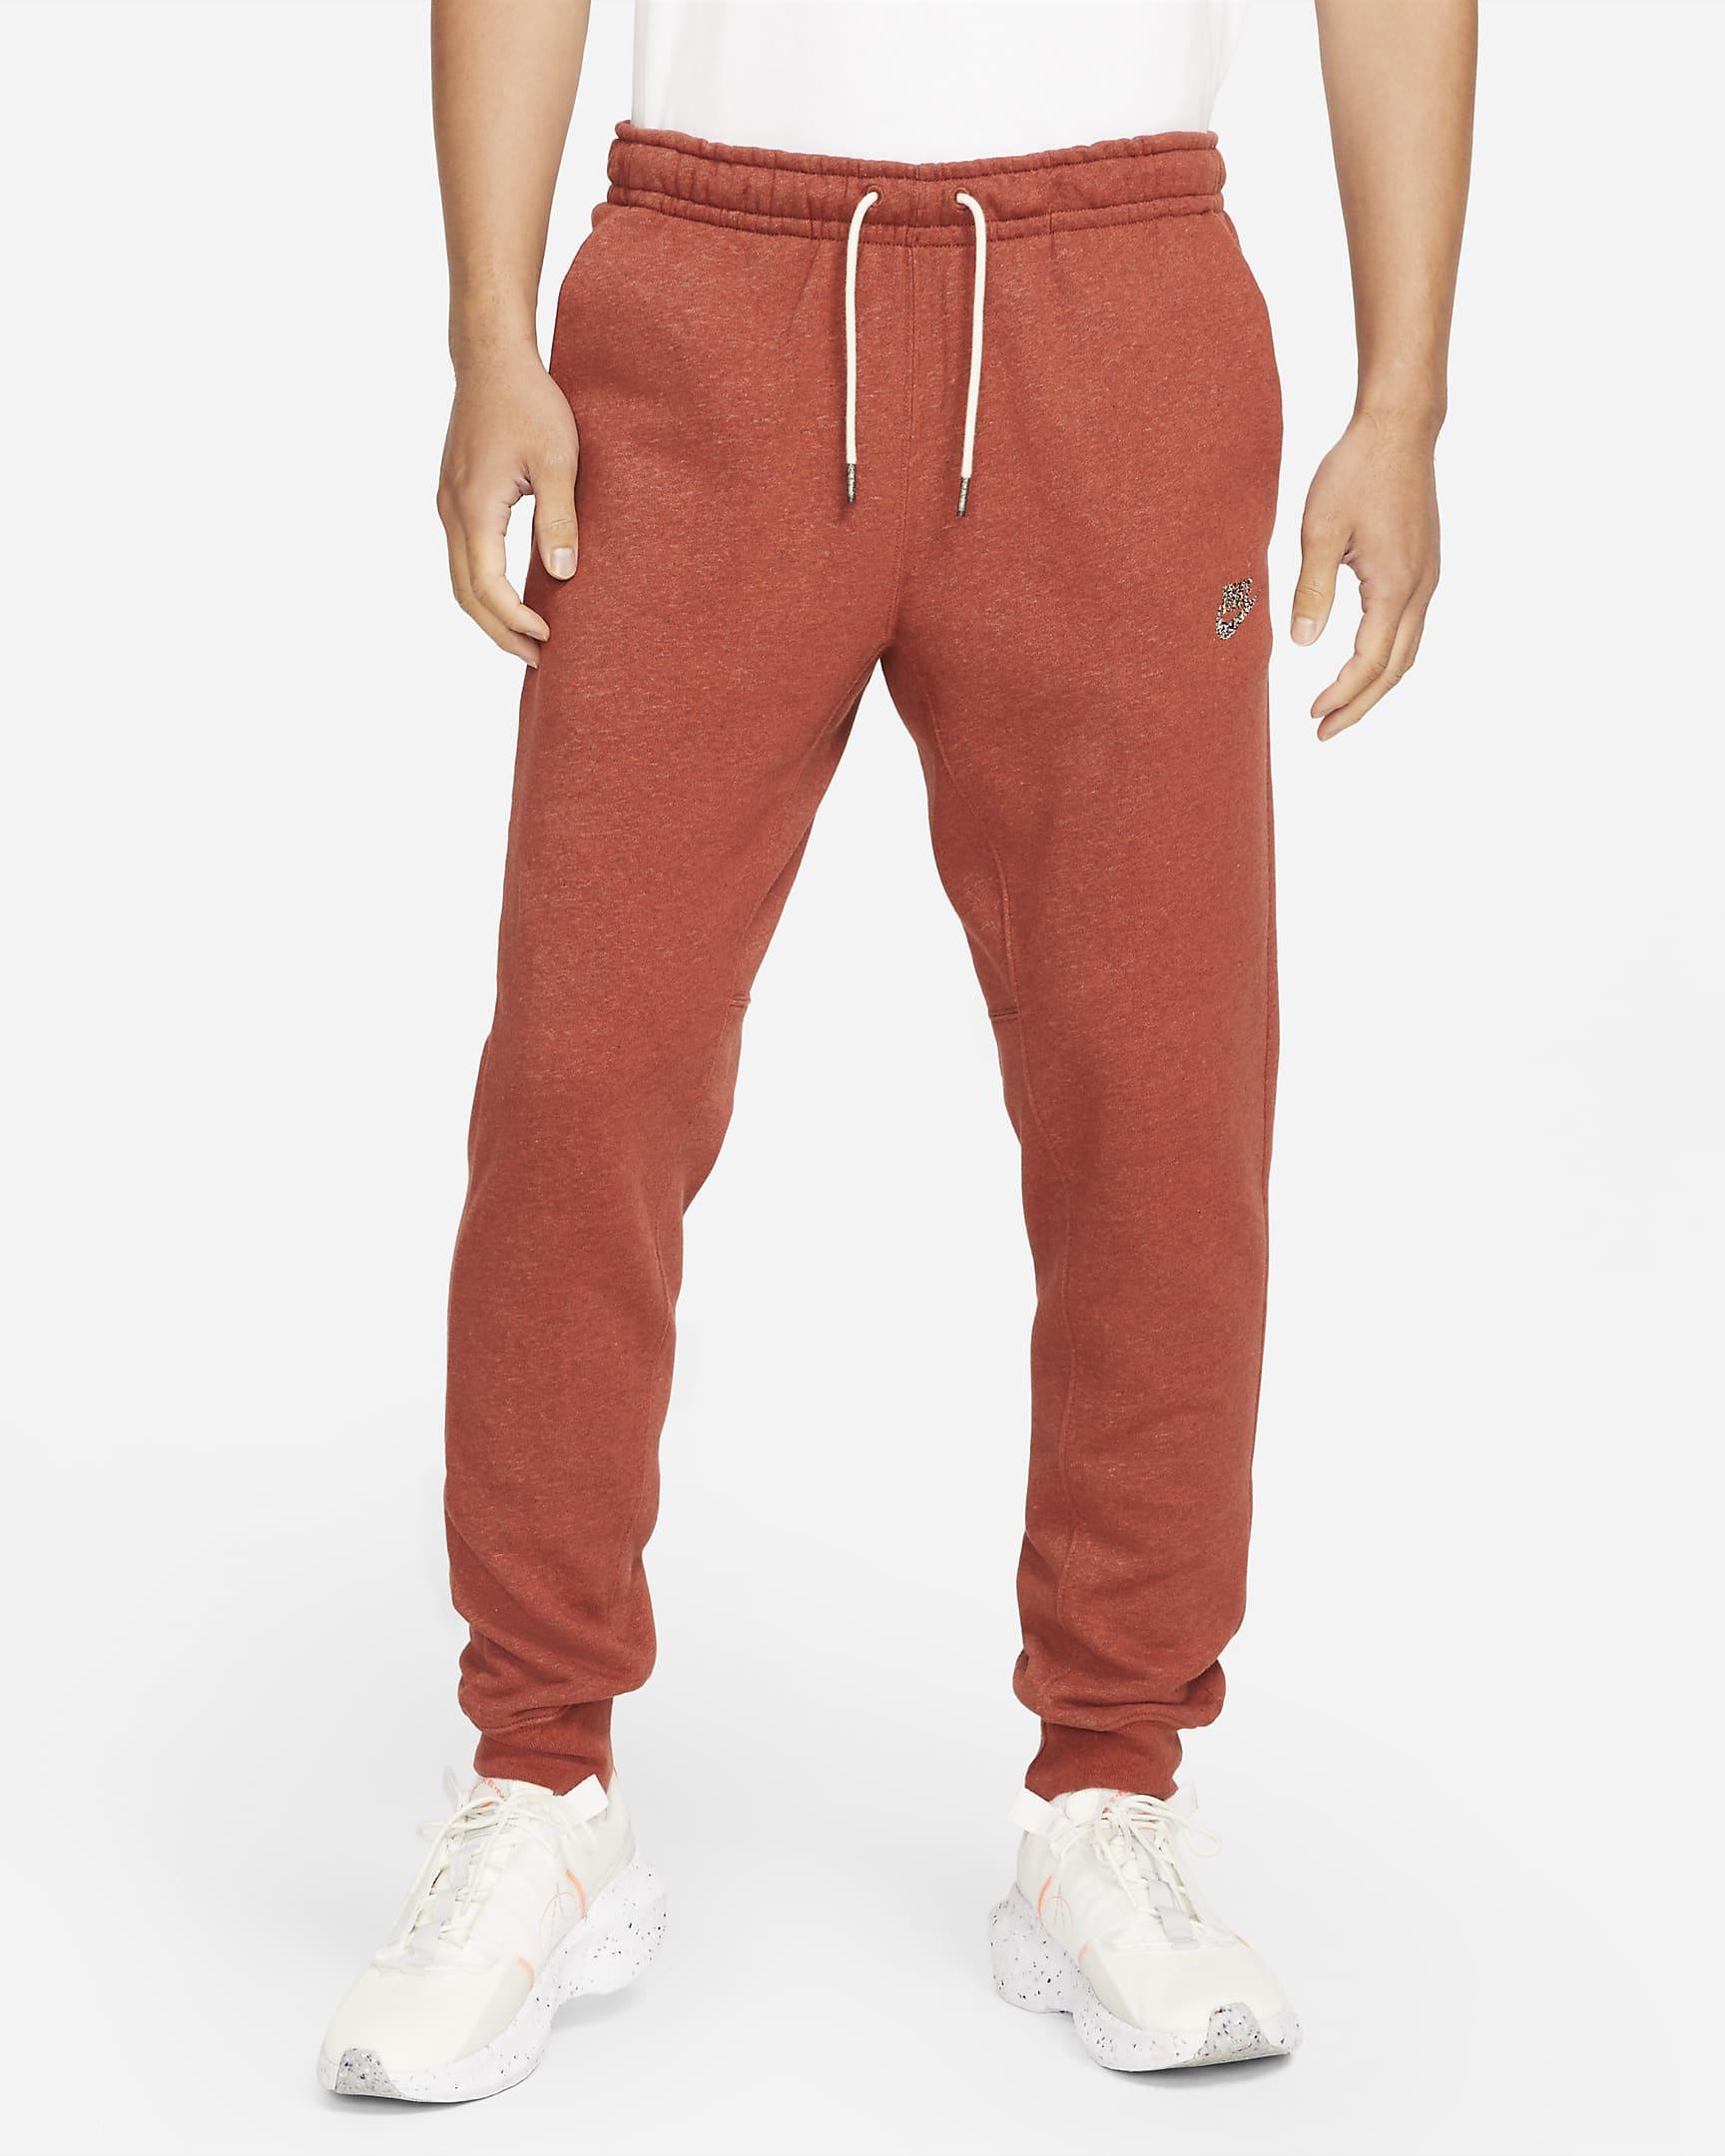 nike-sportswear-sport-essentials-mens-joggers-hmgQFv.png